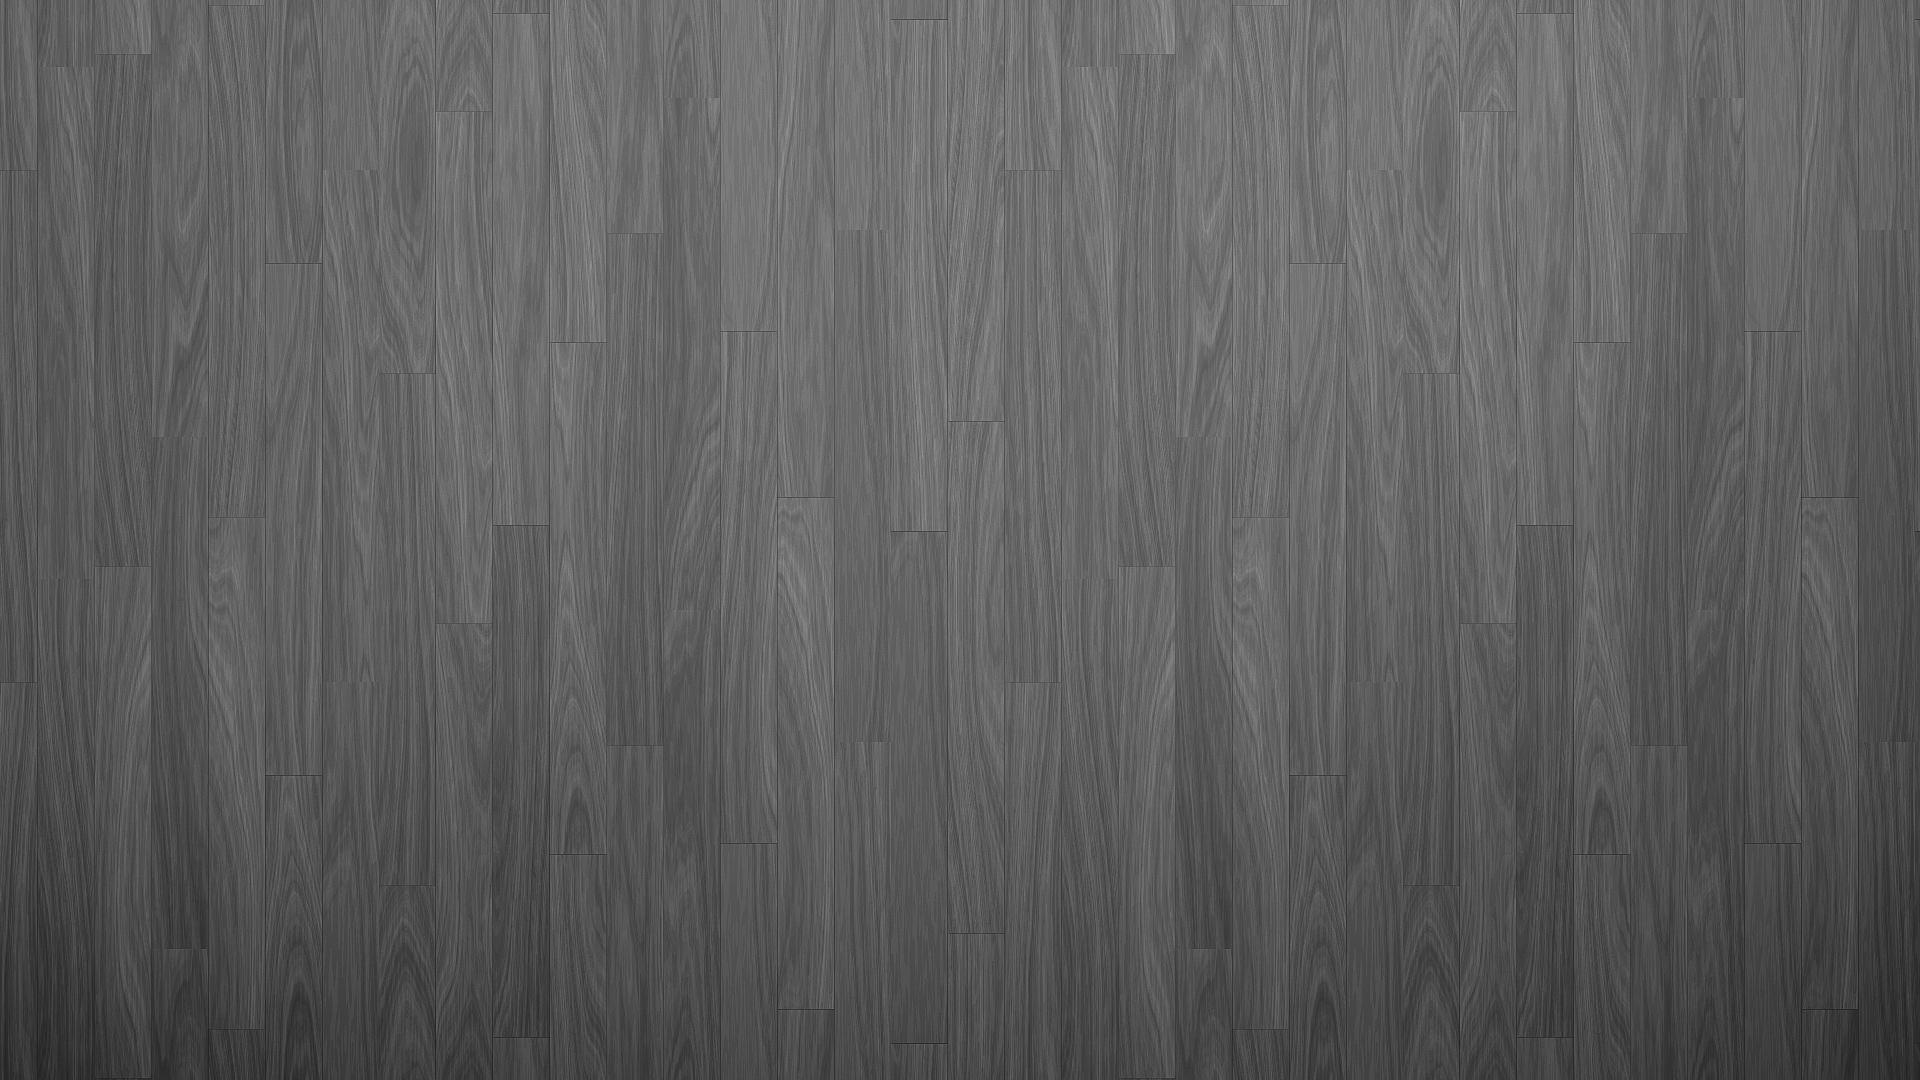 Wood Textures Wallpaper For Desktop/Iphone